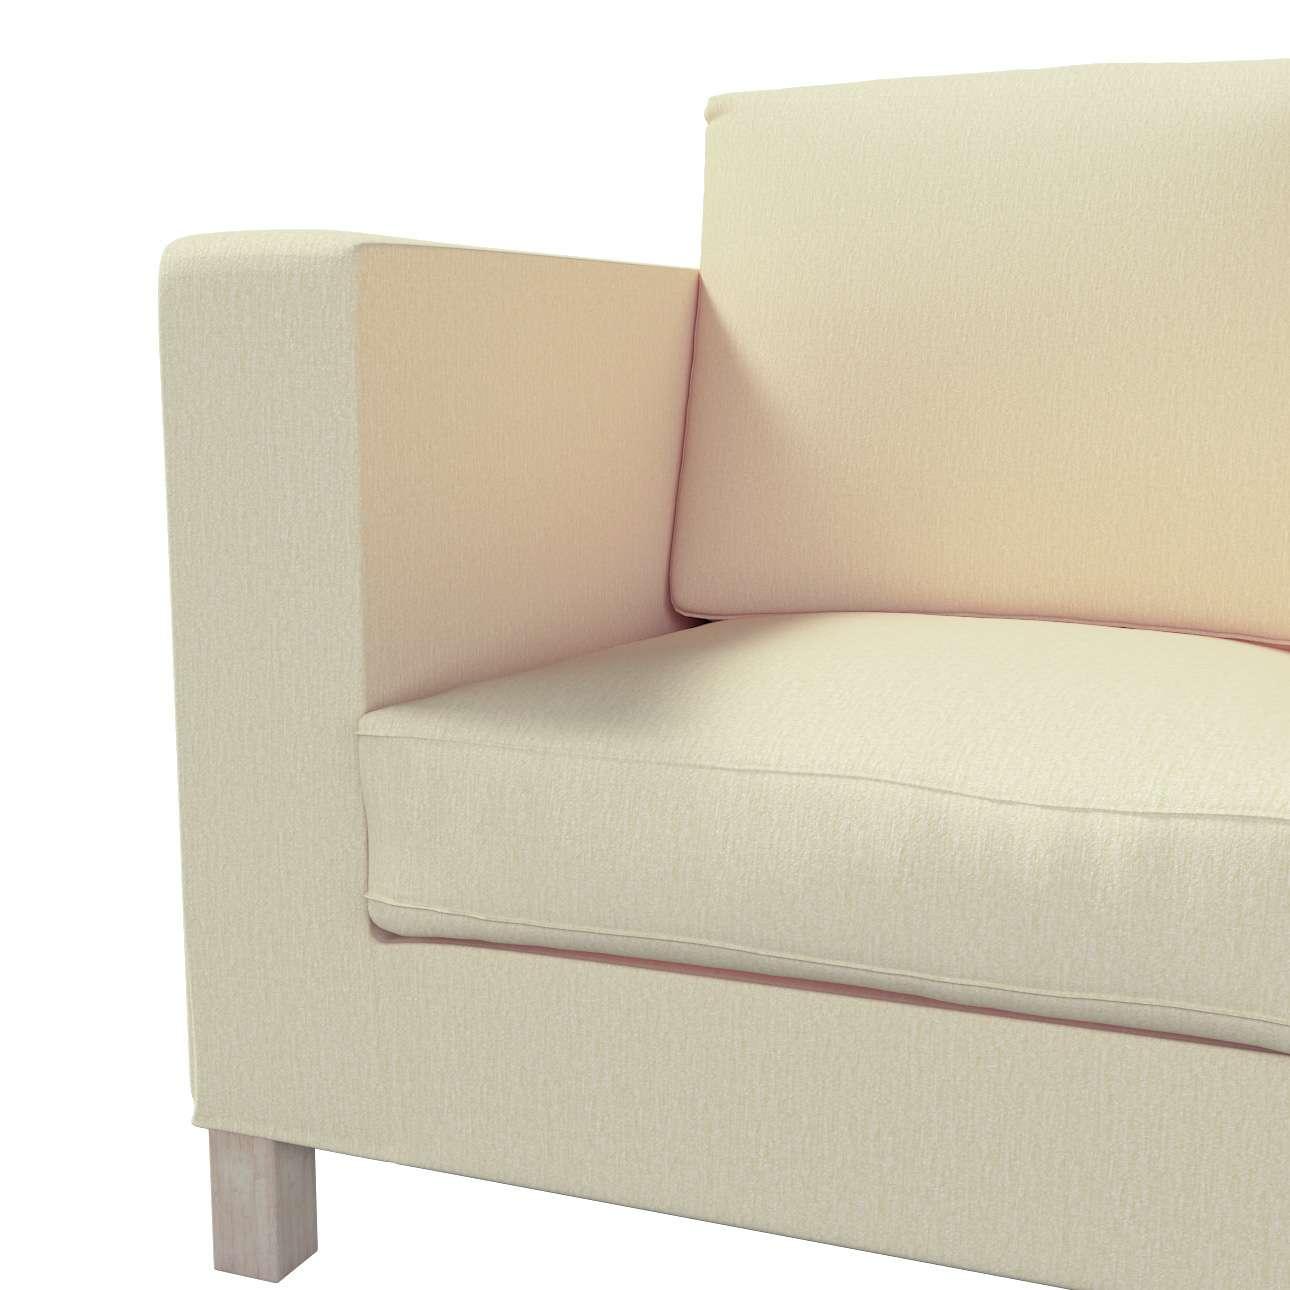 Potah na pohovku IKEA  Karlanda 3-místná nerozkládací, krátký v kolekci Chenille, látka: 702-22